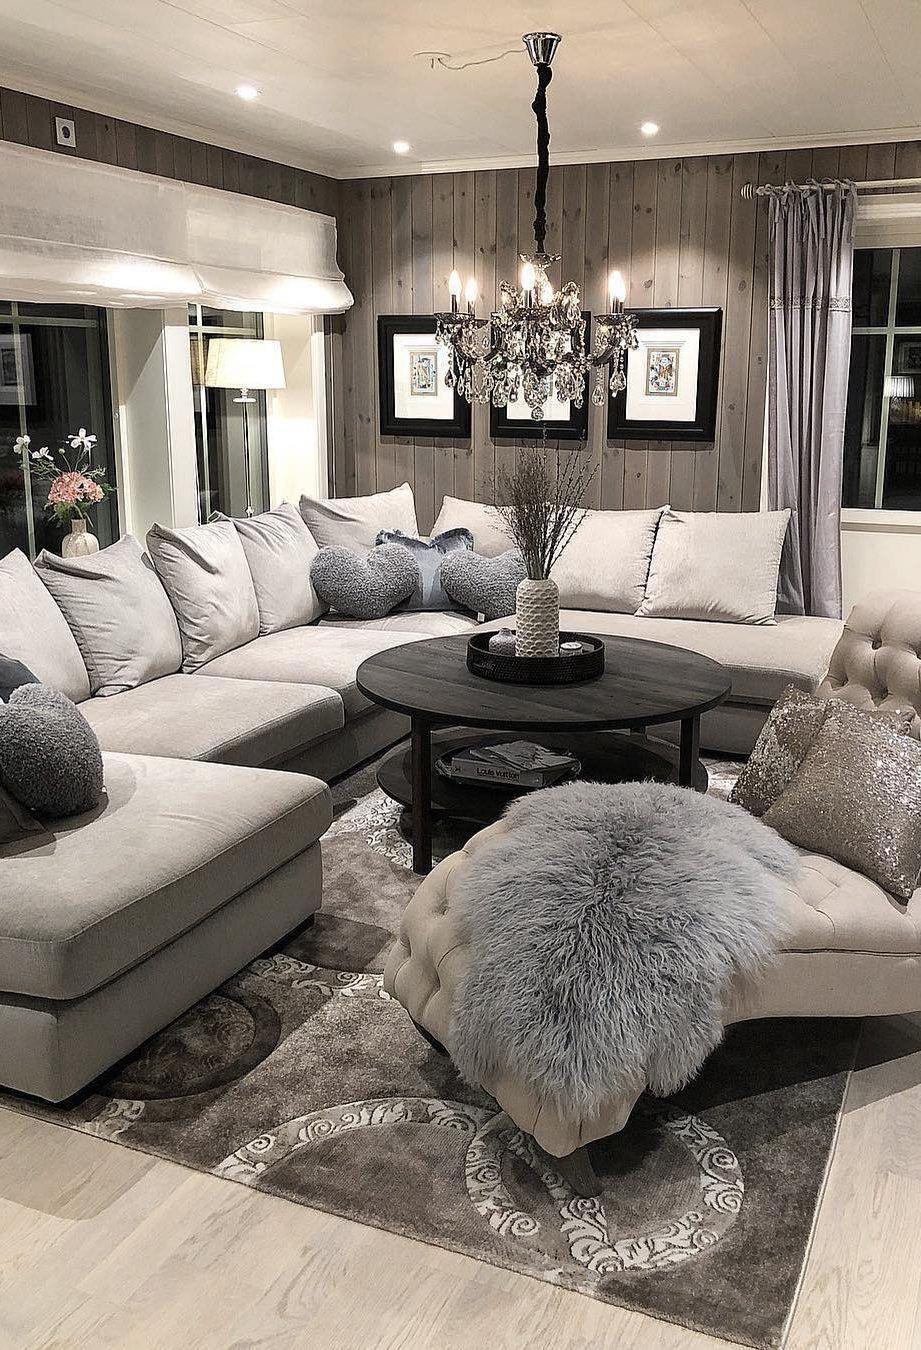 48 Most Popular Living Room Design Ideas For 2019 Images Par